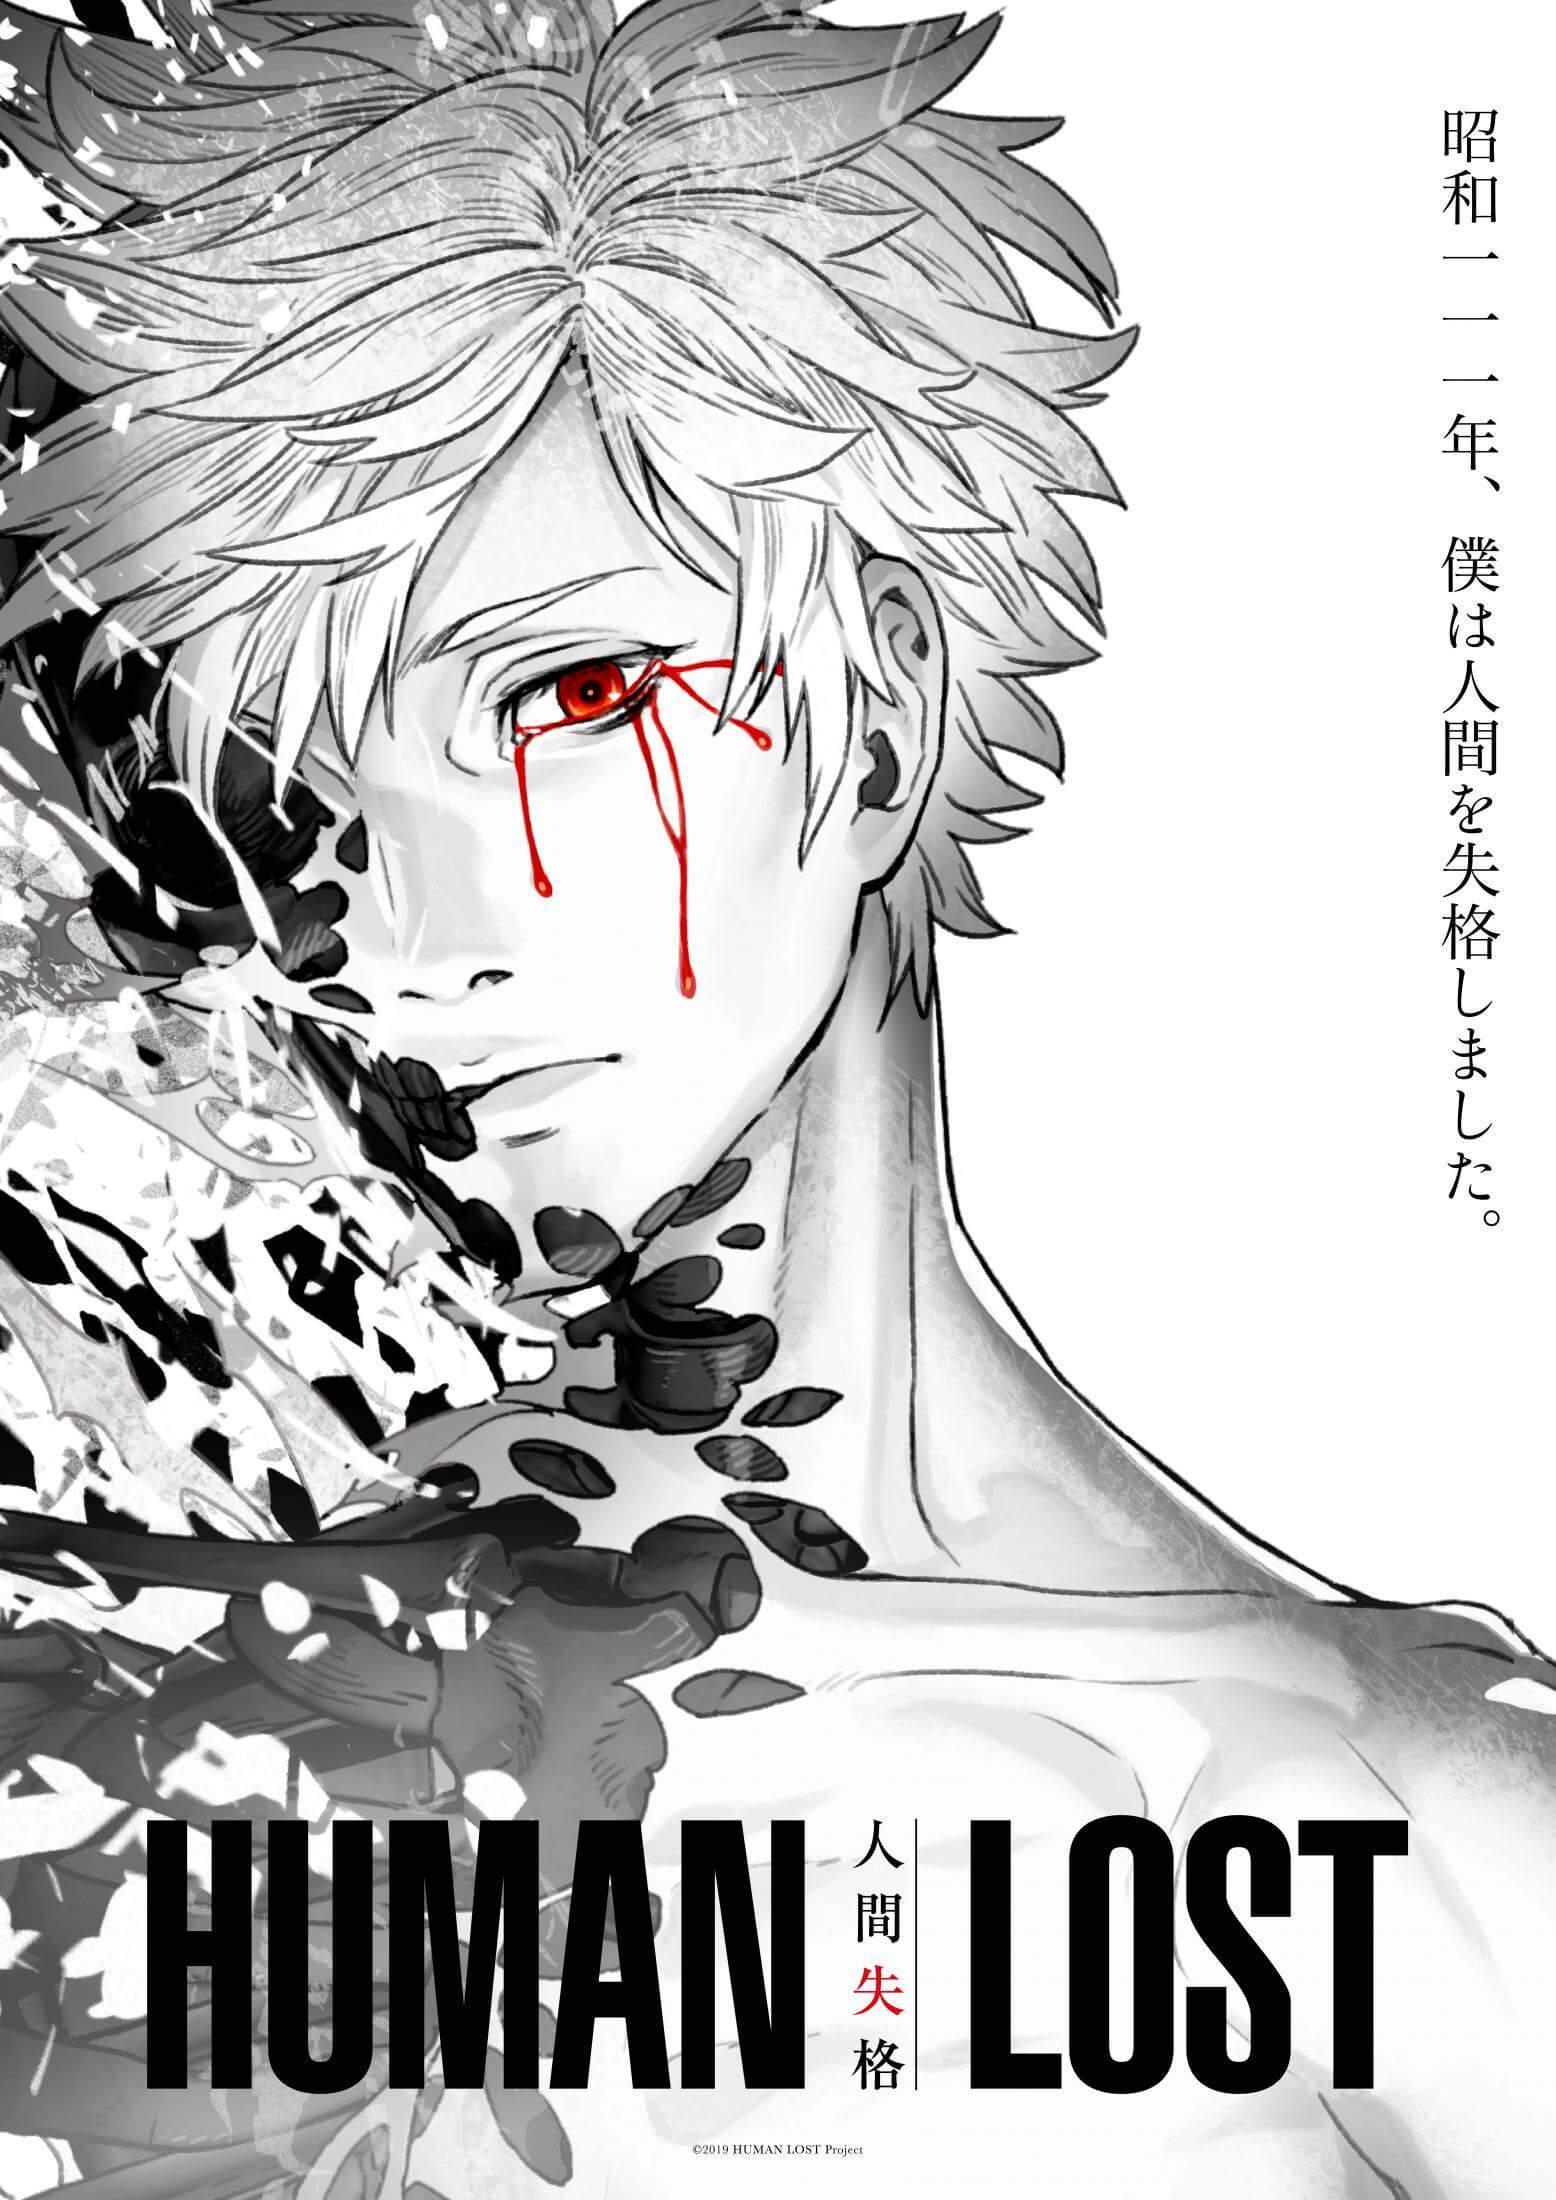 IV Ciclo cine japonés human lost